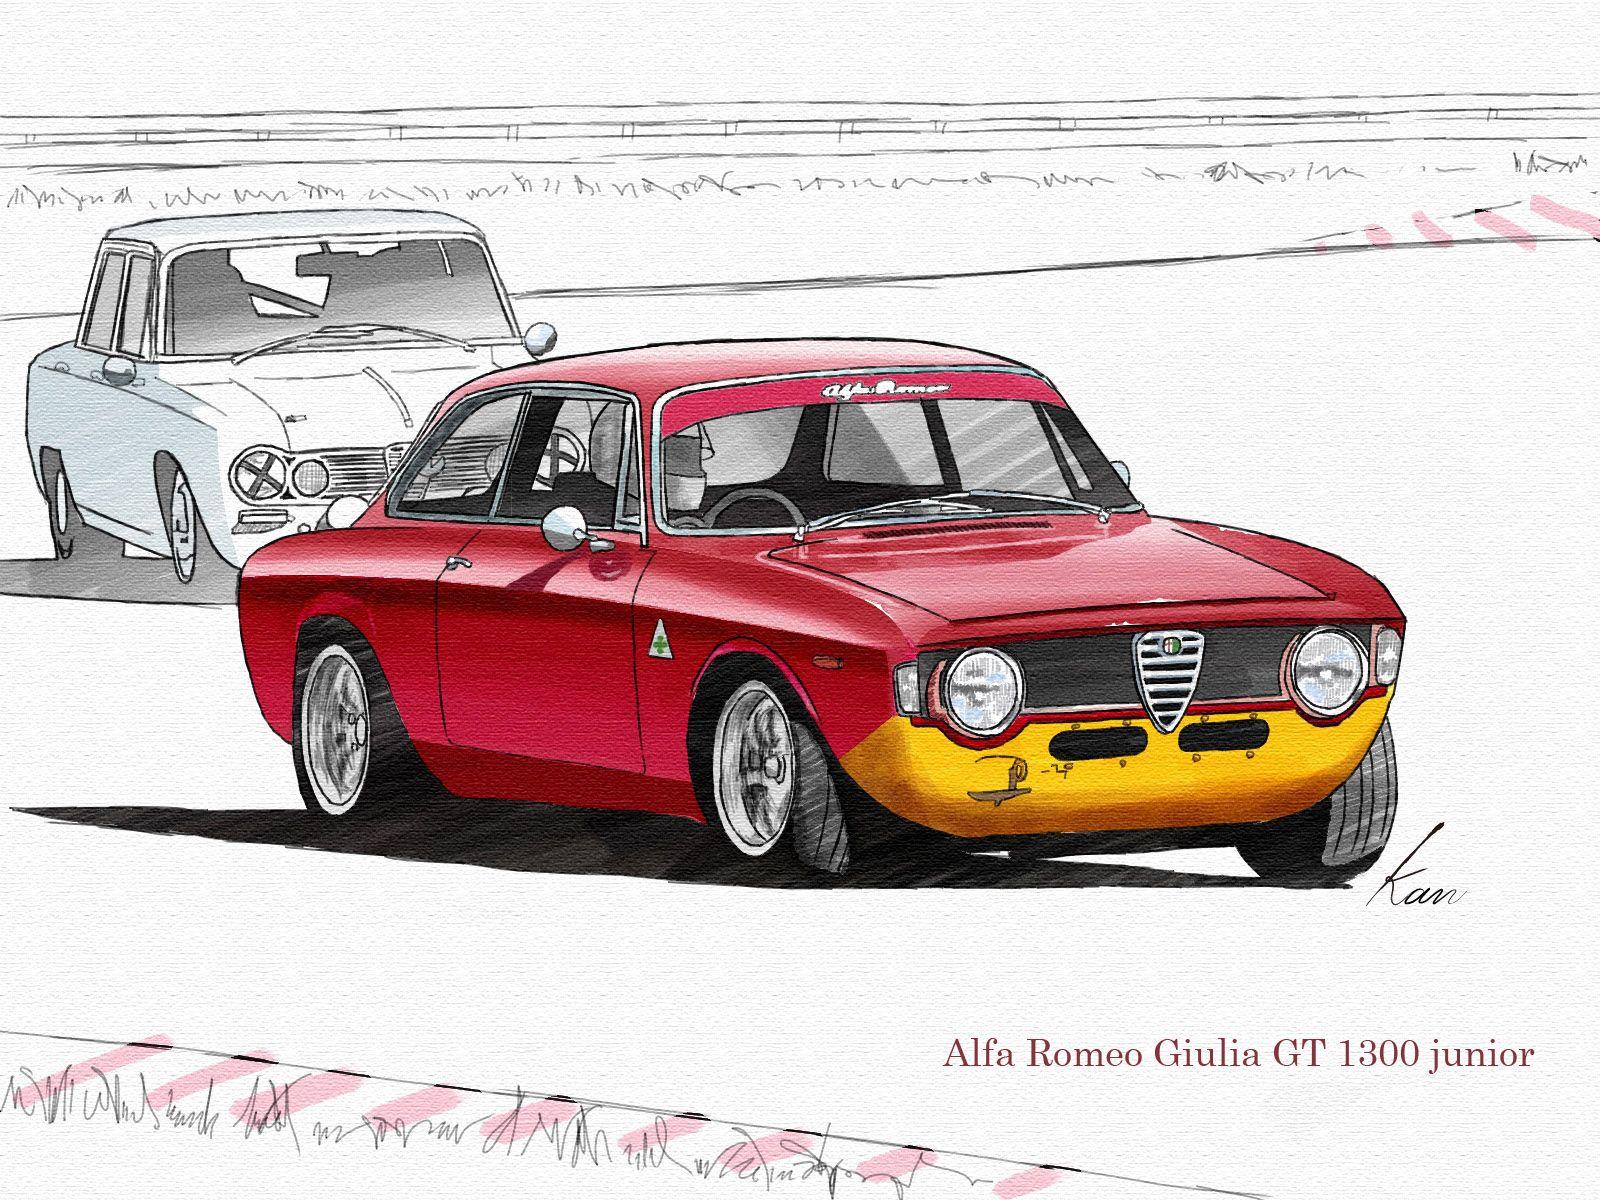 7205dfc5d1f Alfa Romeo Giulia GT 1300 junior(Tokyo Bayside Classic Cup)